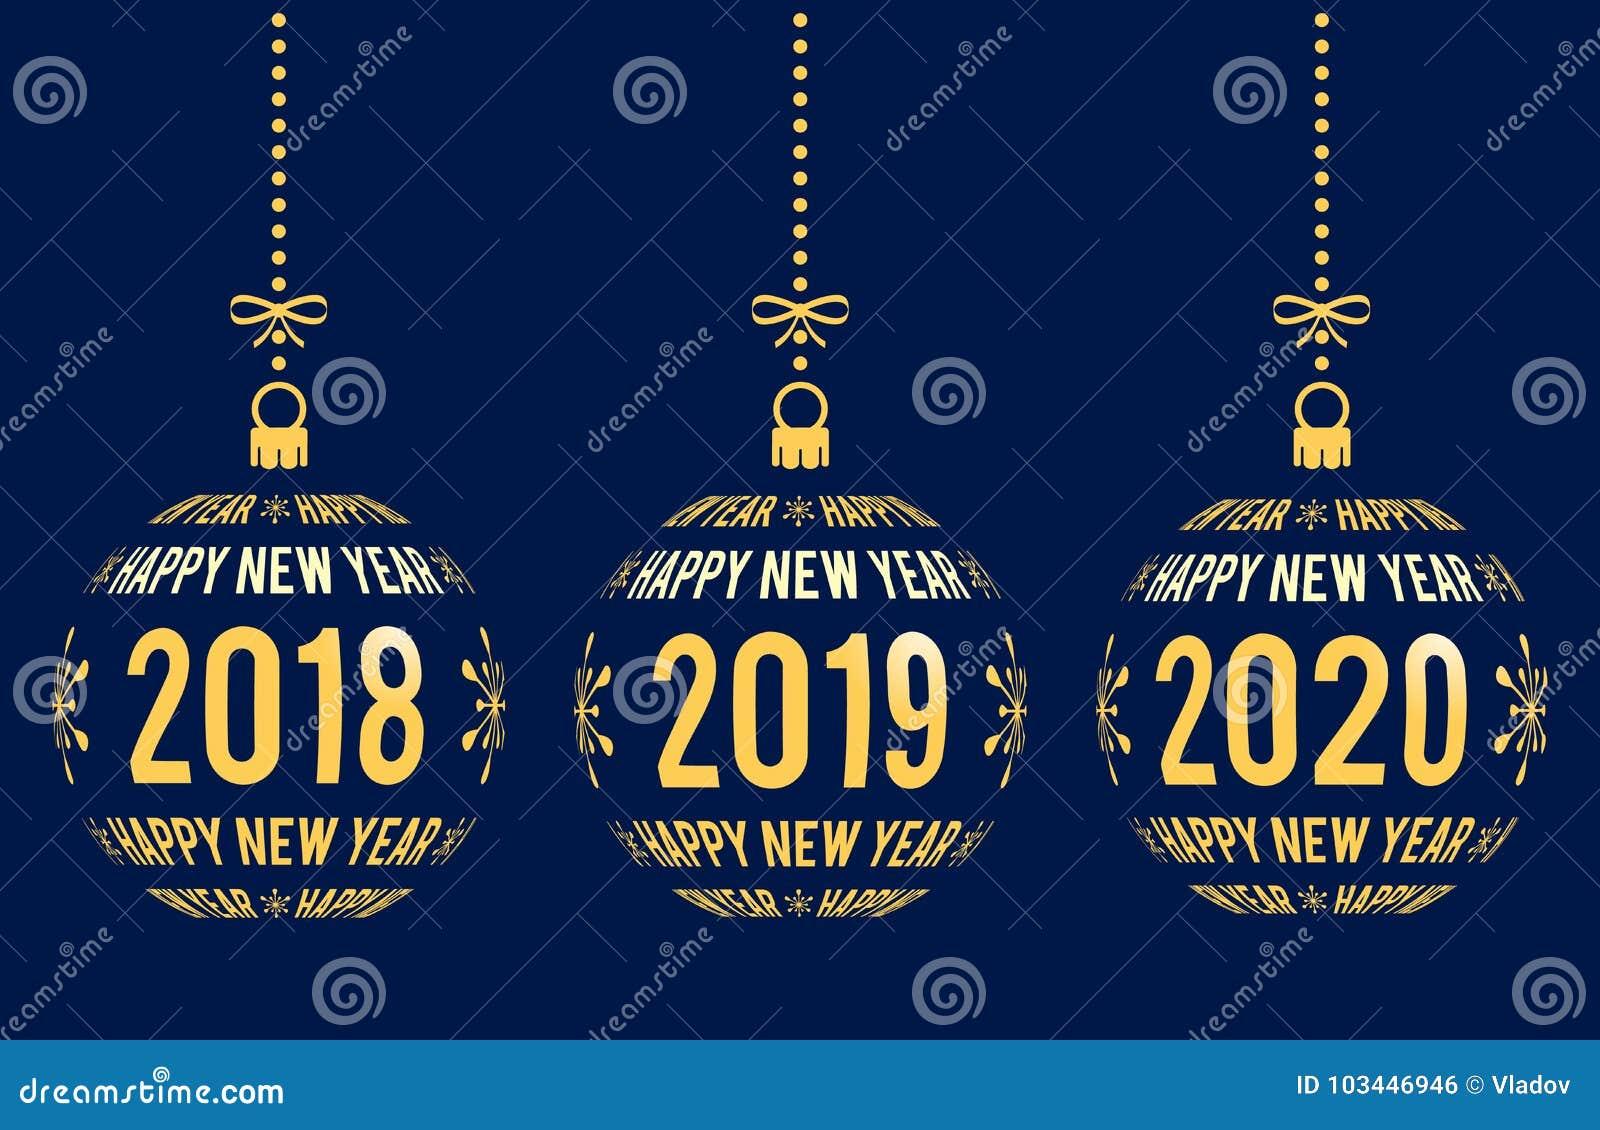 新年快乐2018年2019年, 2020设计元素